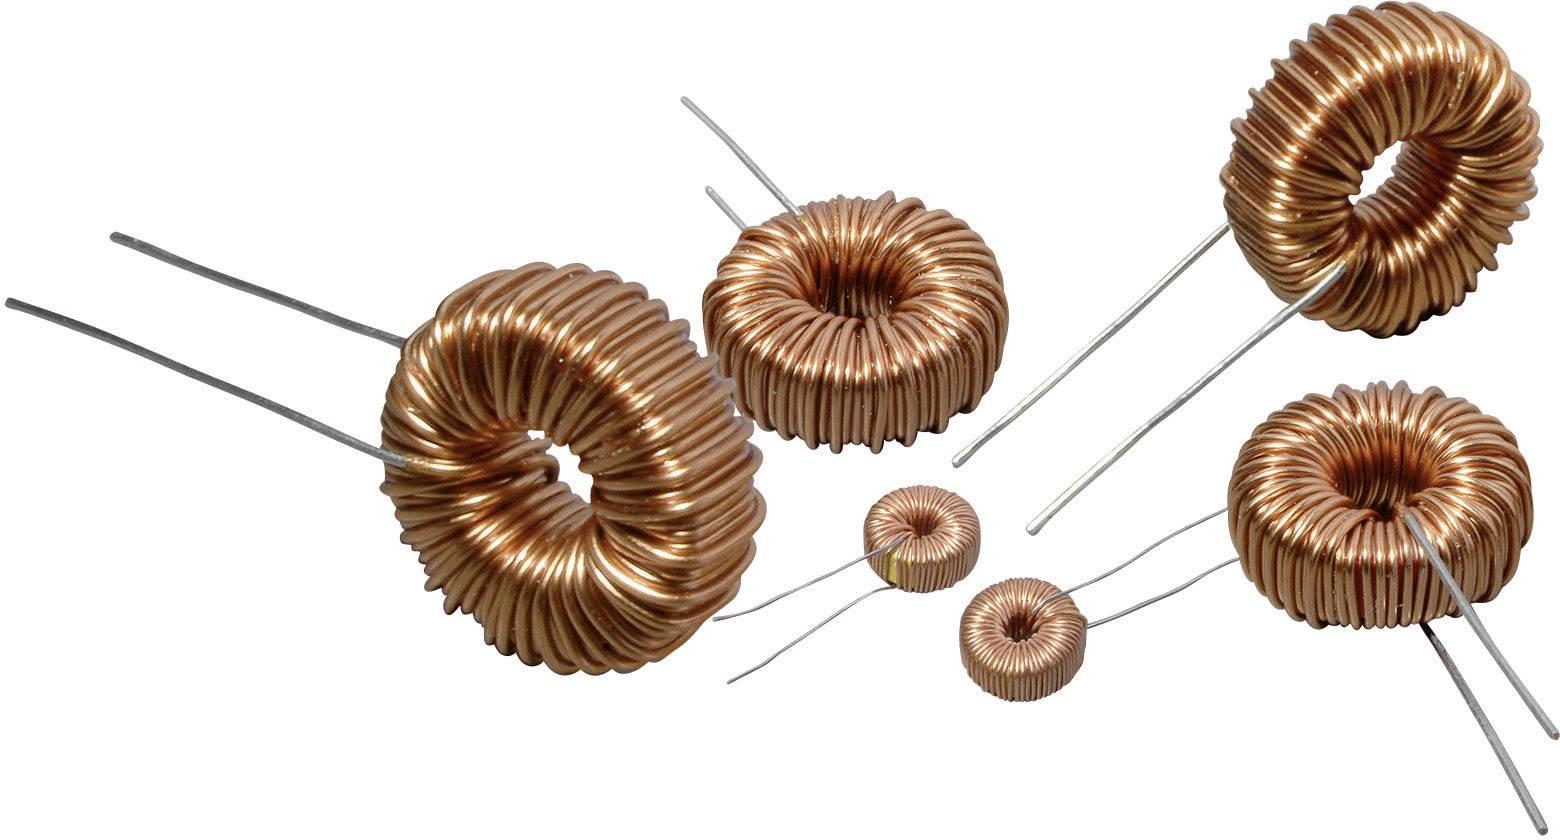 VF radiální cívka odrušovací Würth Elektronik FI 7447020, 220 µH, 1 A, 20 %